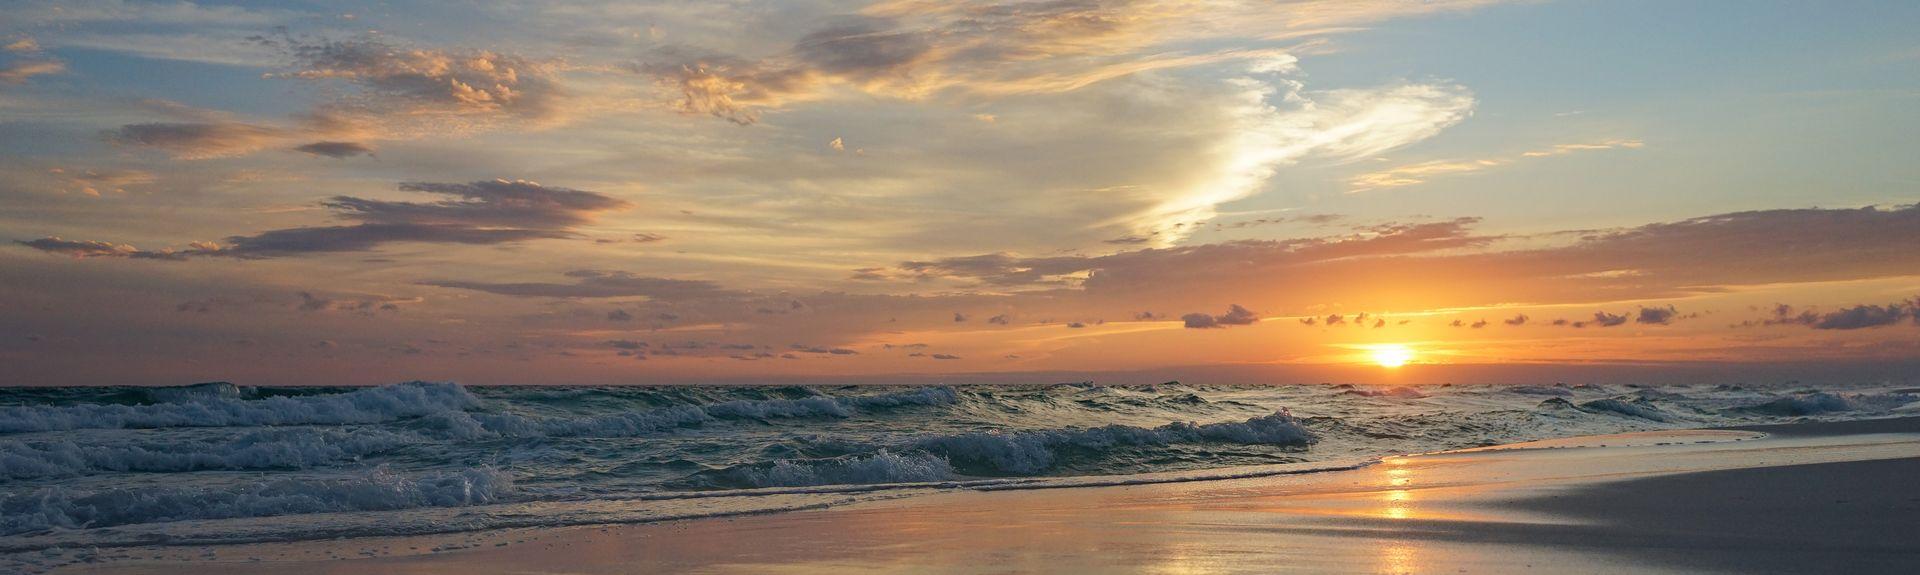 Waters Edge, Okaloosa Island, FL, USA